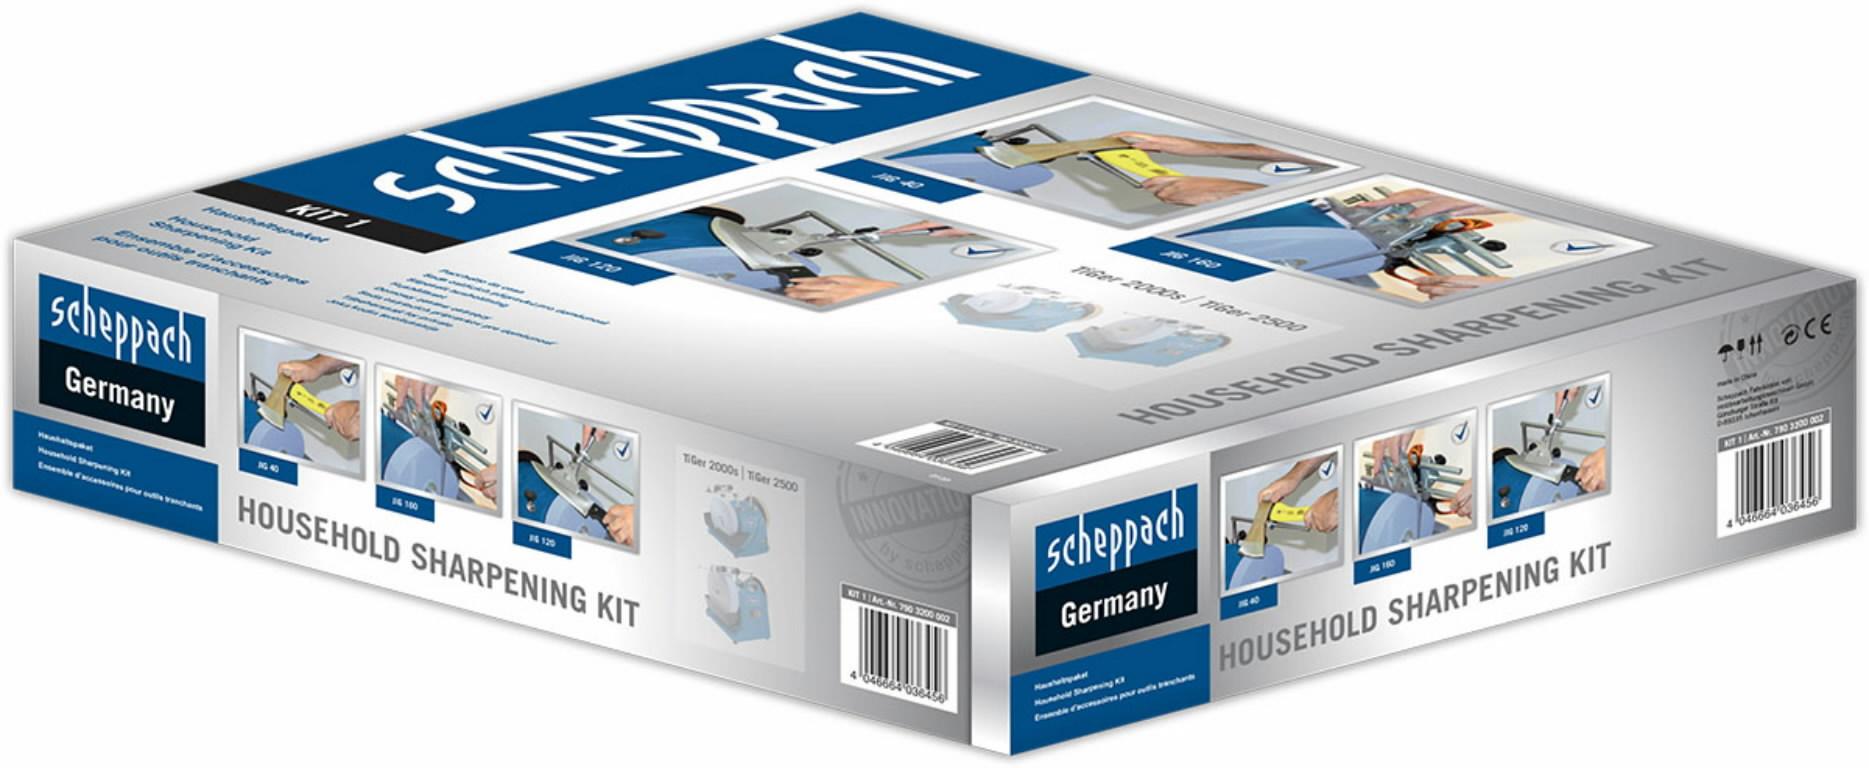 3D_houshold_kit1_scheppach_gol